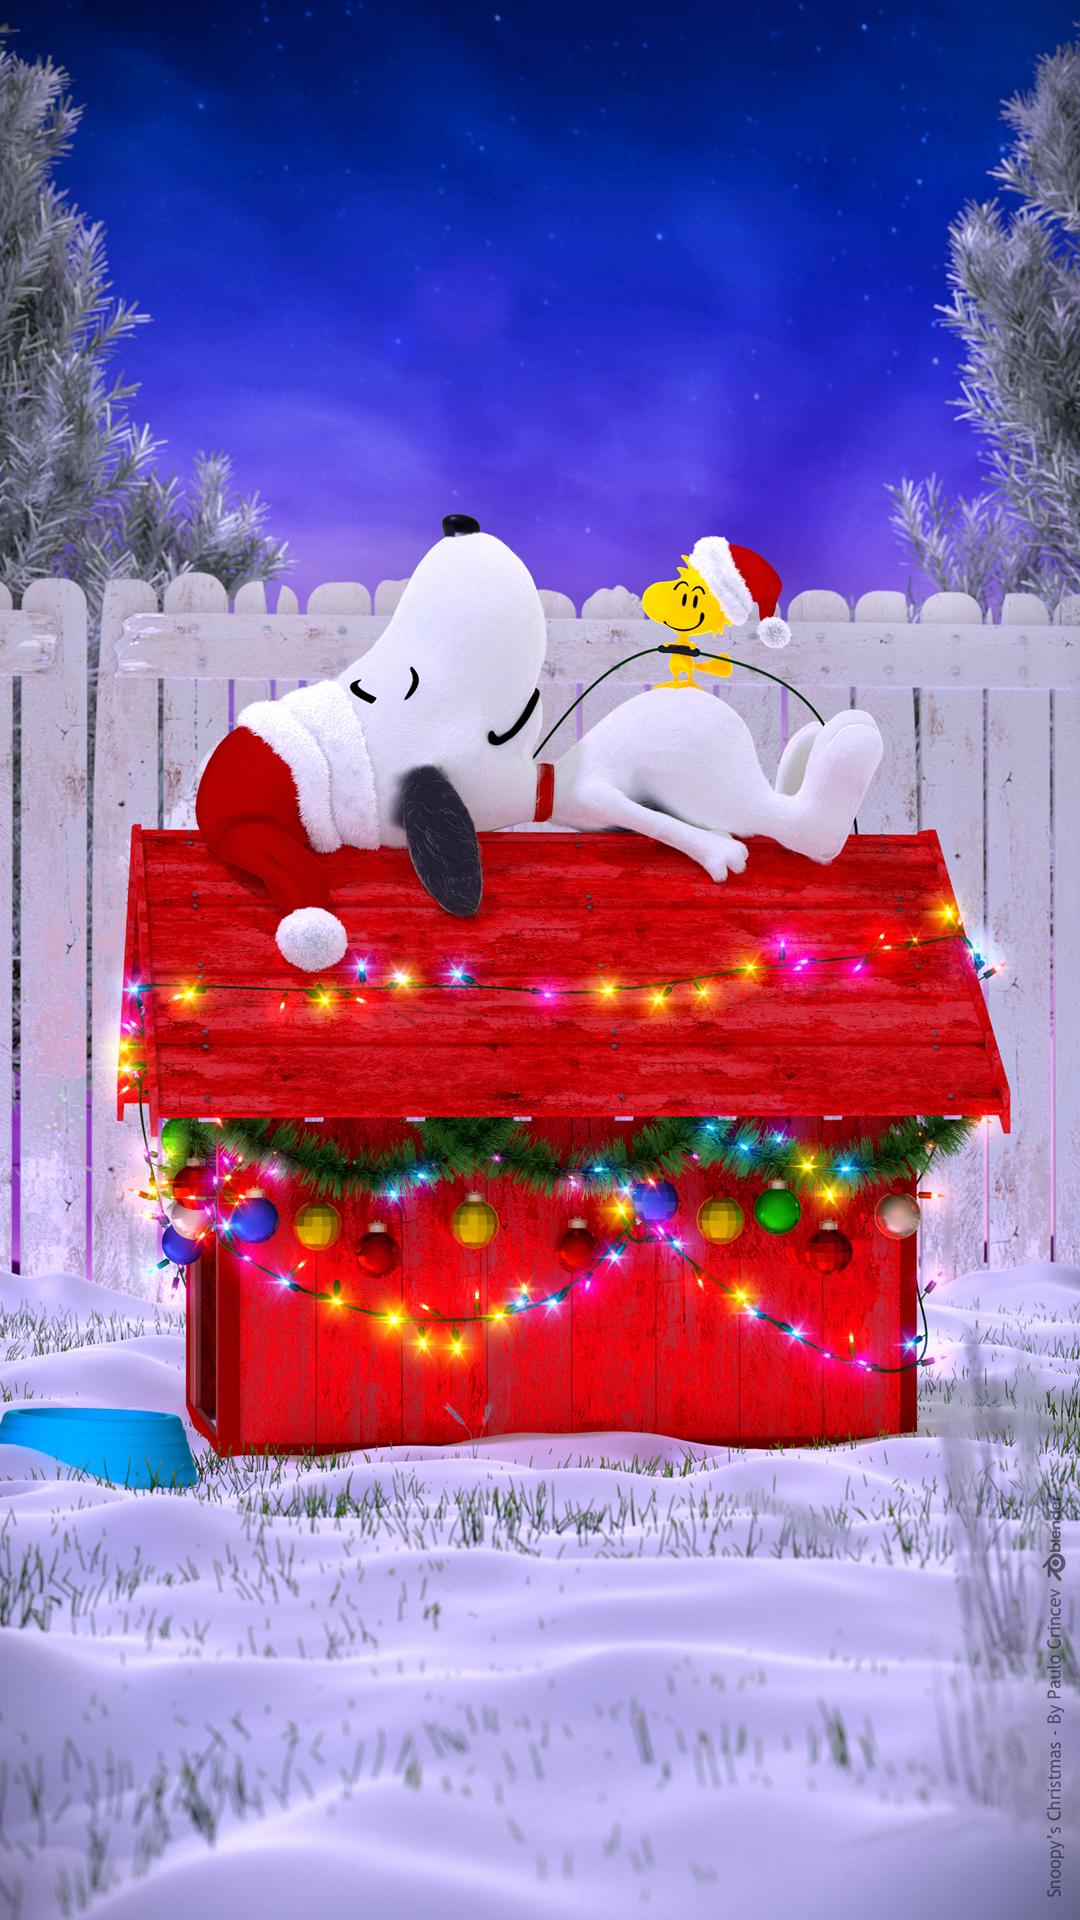 snoopy render final 1080pjpg1080x1920 162 mb - Snoopys Christmas